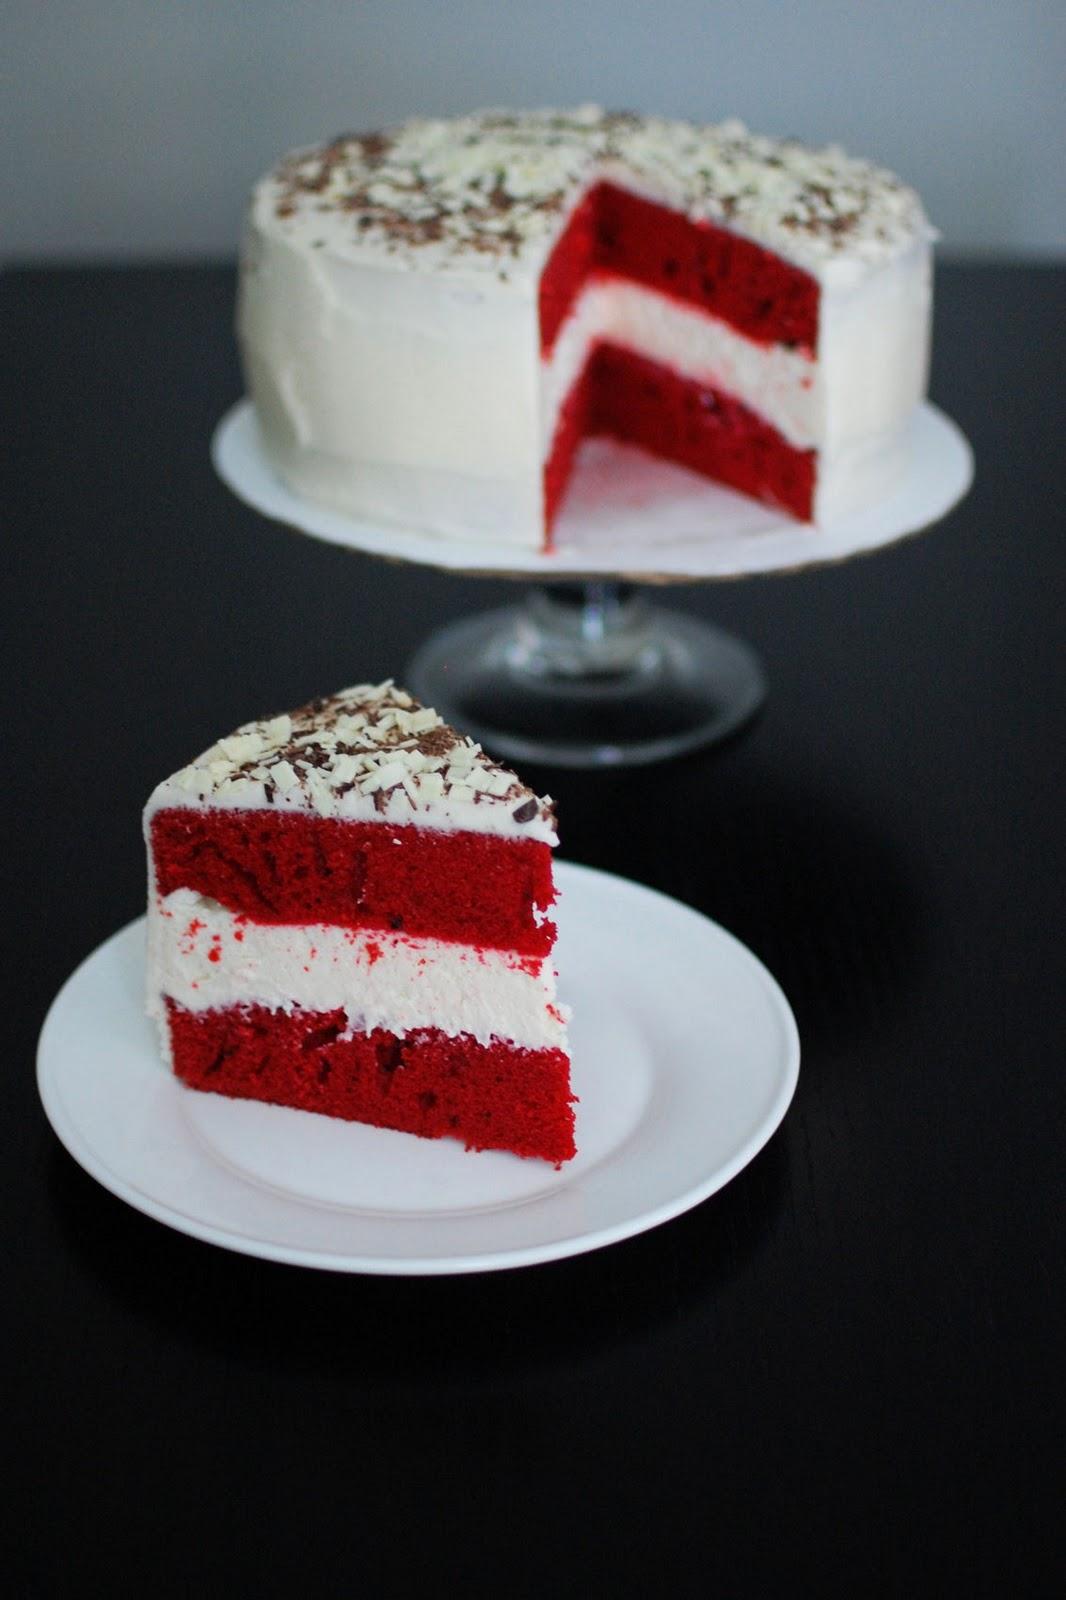 Red Velvet Cheesecake Cake | Beantown Baker